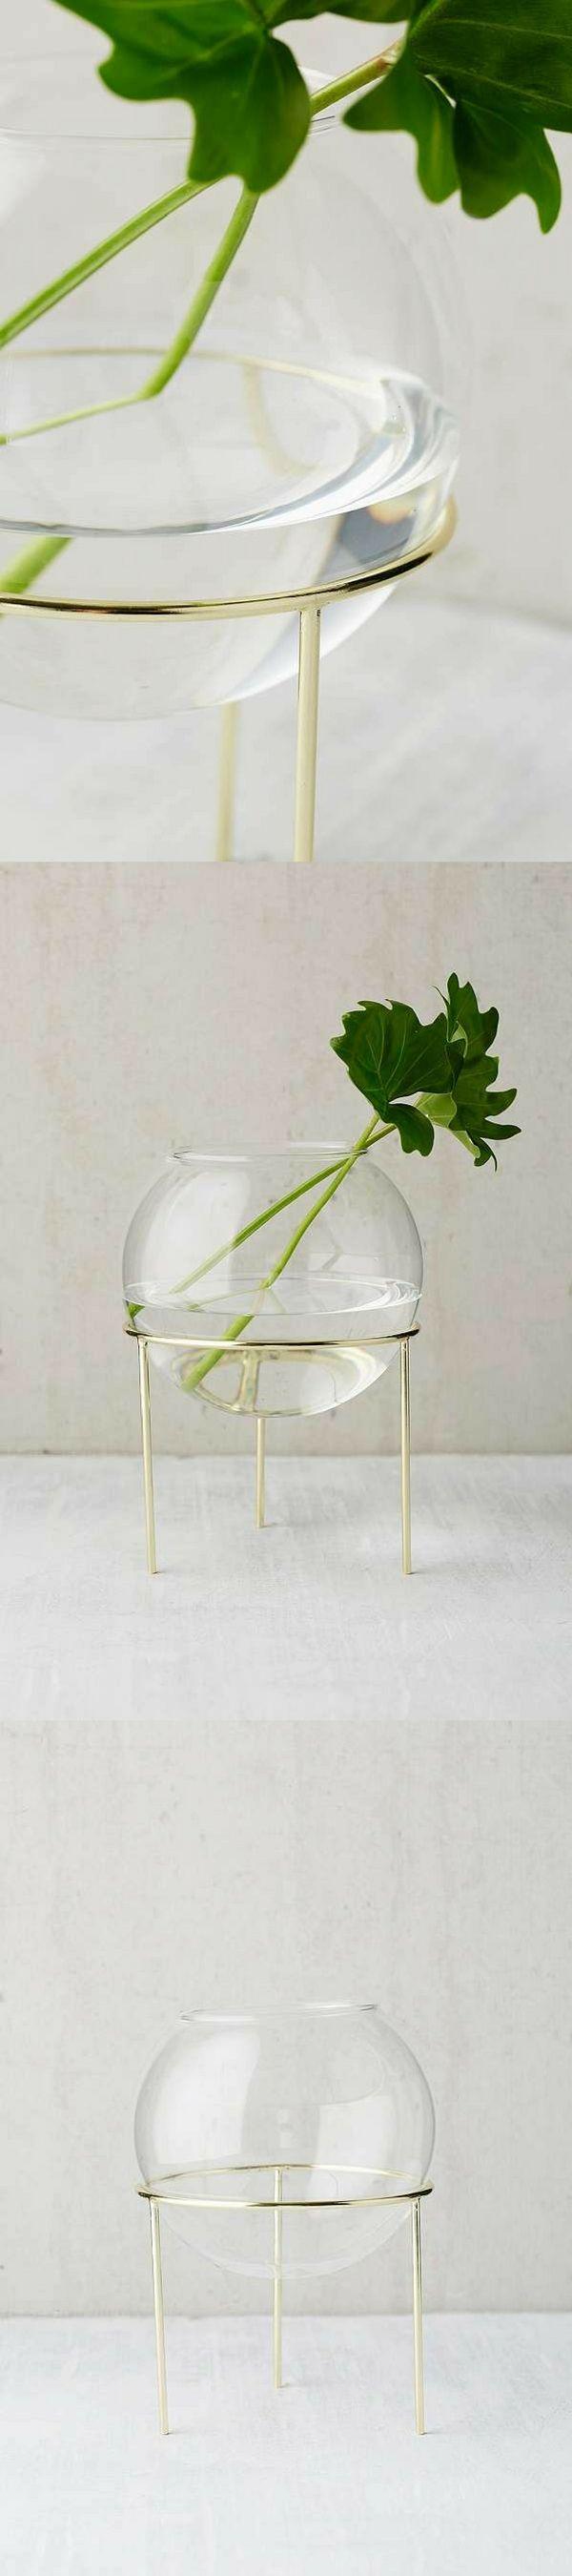 Cache-pot moderne et minimaliste en forme de globe en verre posé sur un trépied doré. Peut s'utiliser comme vase ou comme pot pour les plantes !